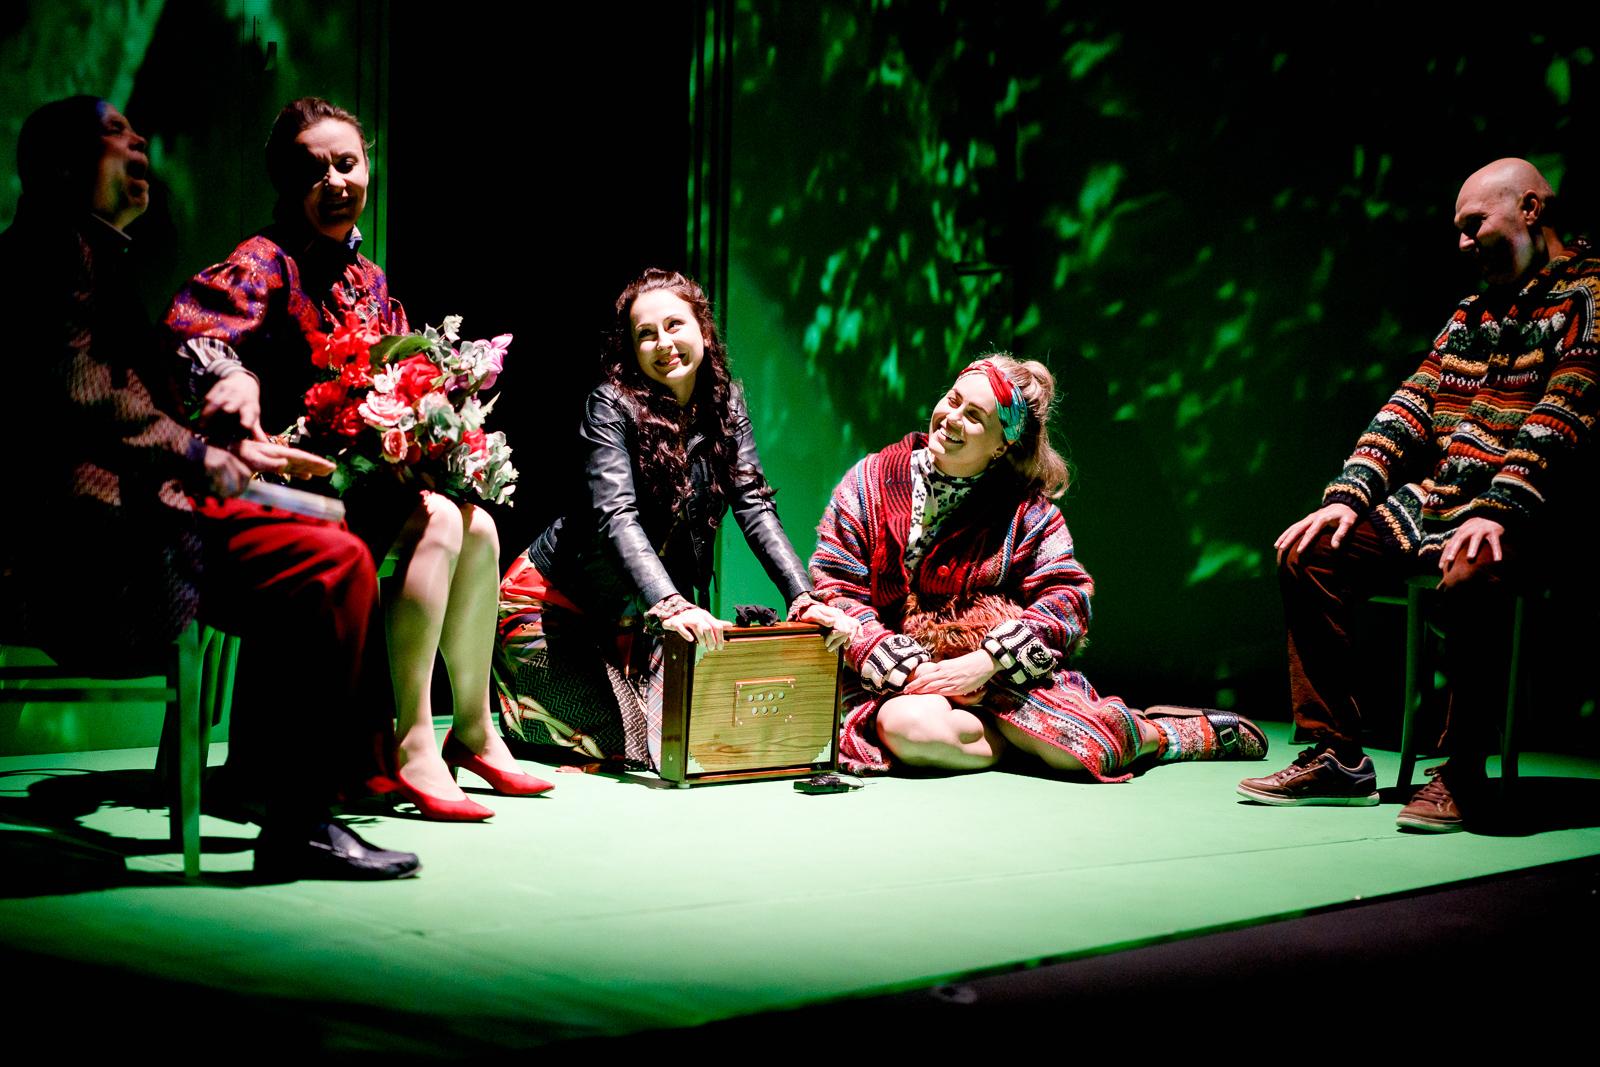 Pięć osób w kolorowych ubraniach siedzi na krzesłach i zielonej podłodze. Większość z nich znajduje się w półcieniu.